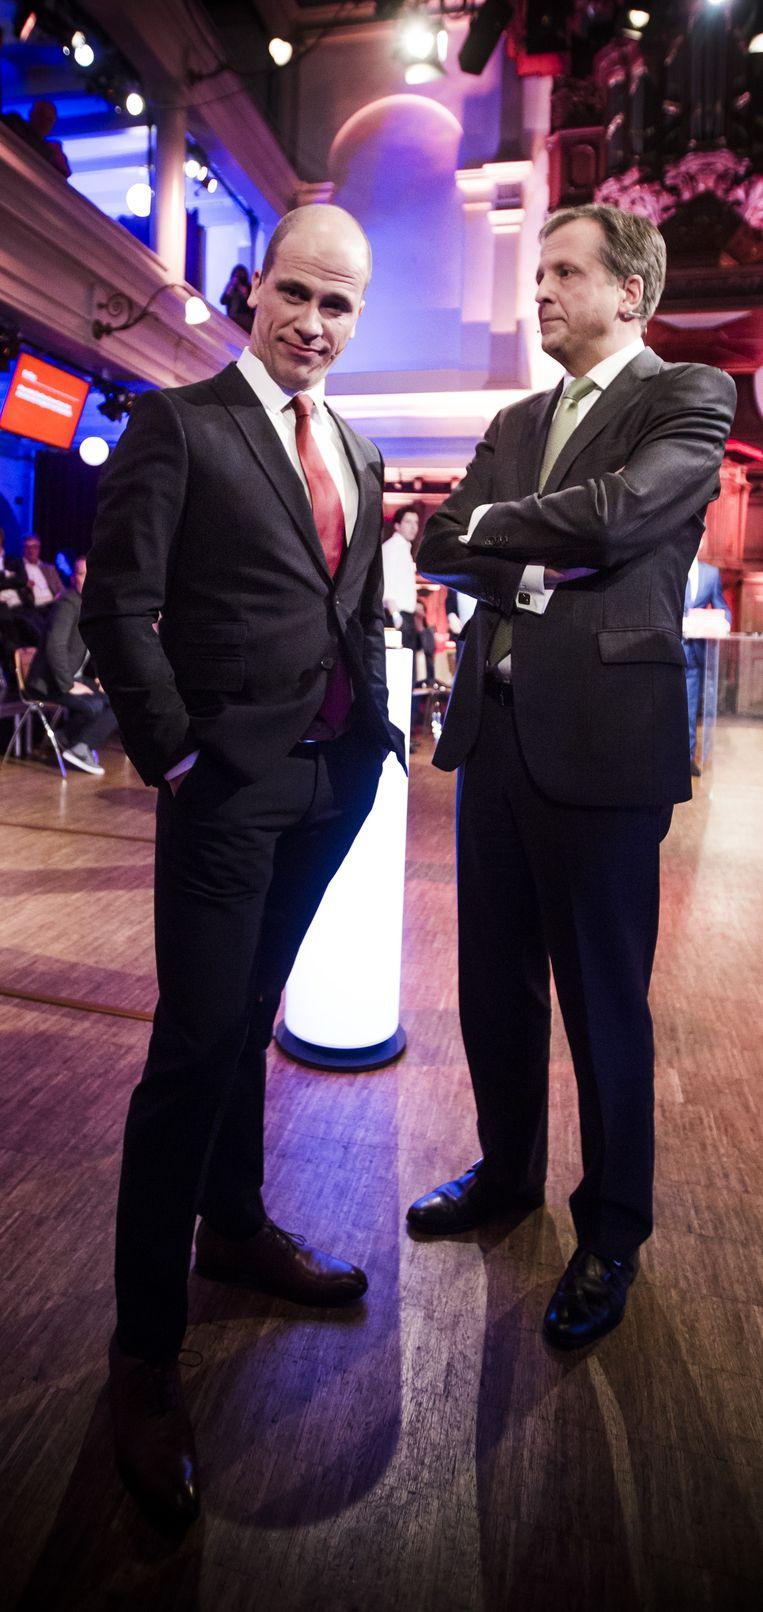 PvdA-leider Samsom en D66-fractievoorzitter Pechtold ontspannen even tijdens een reclameblok bij het RTL-verkiezingsdebat Beeld Freek van den Bergh